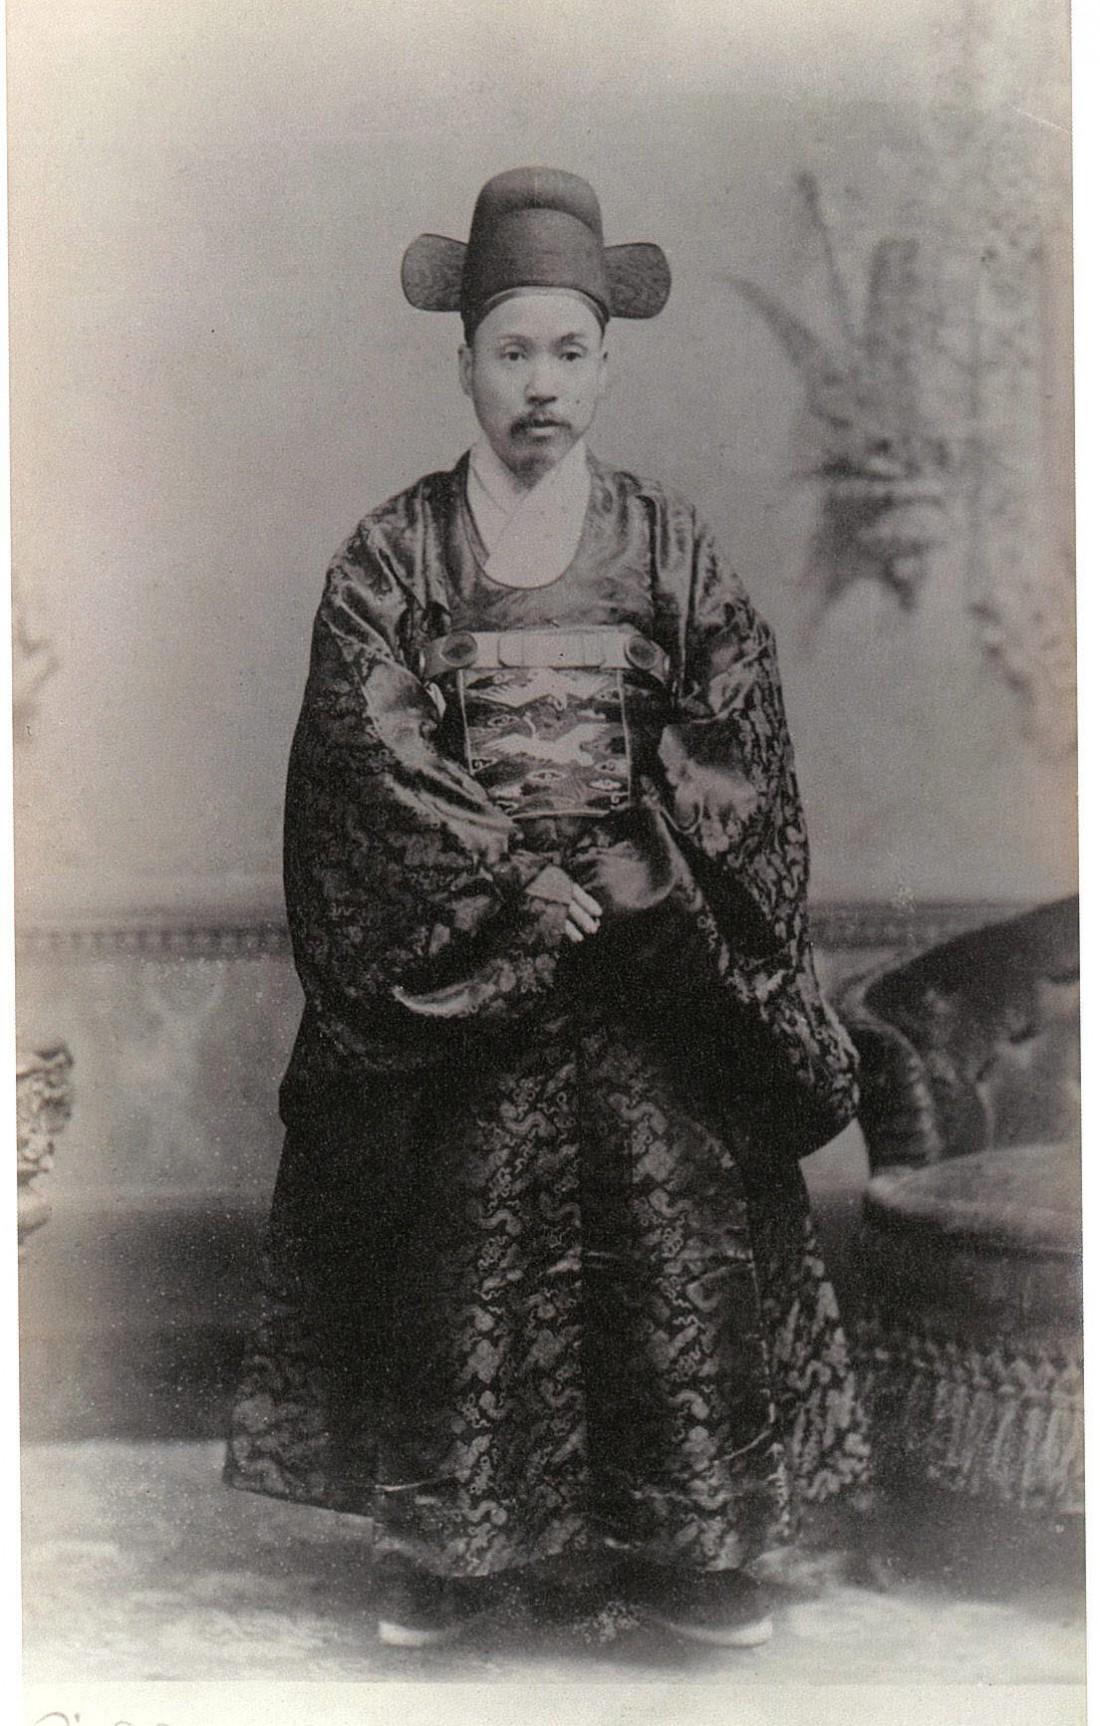 초대 주미공사였던 박정양. 그는 청나라의 '영약삼단' 조건을 어기고 직접 미국 국무부와 직거래해서 클리블랜드 대통령에게 신임장을 제출했다.